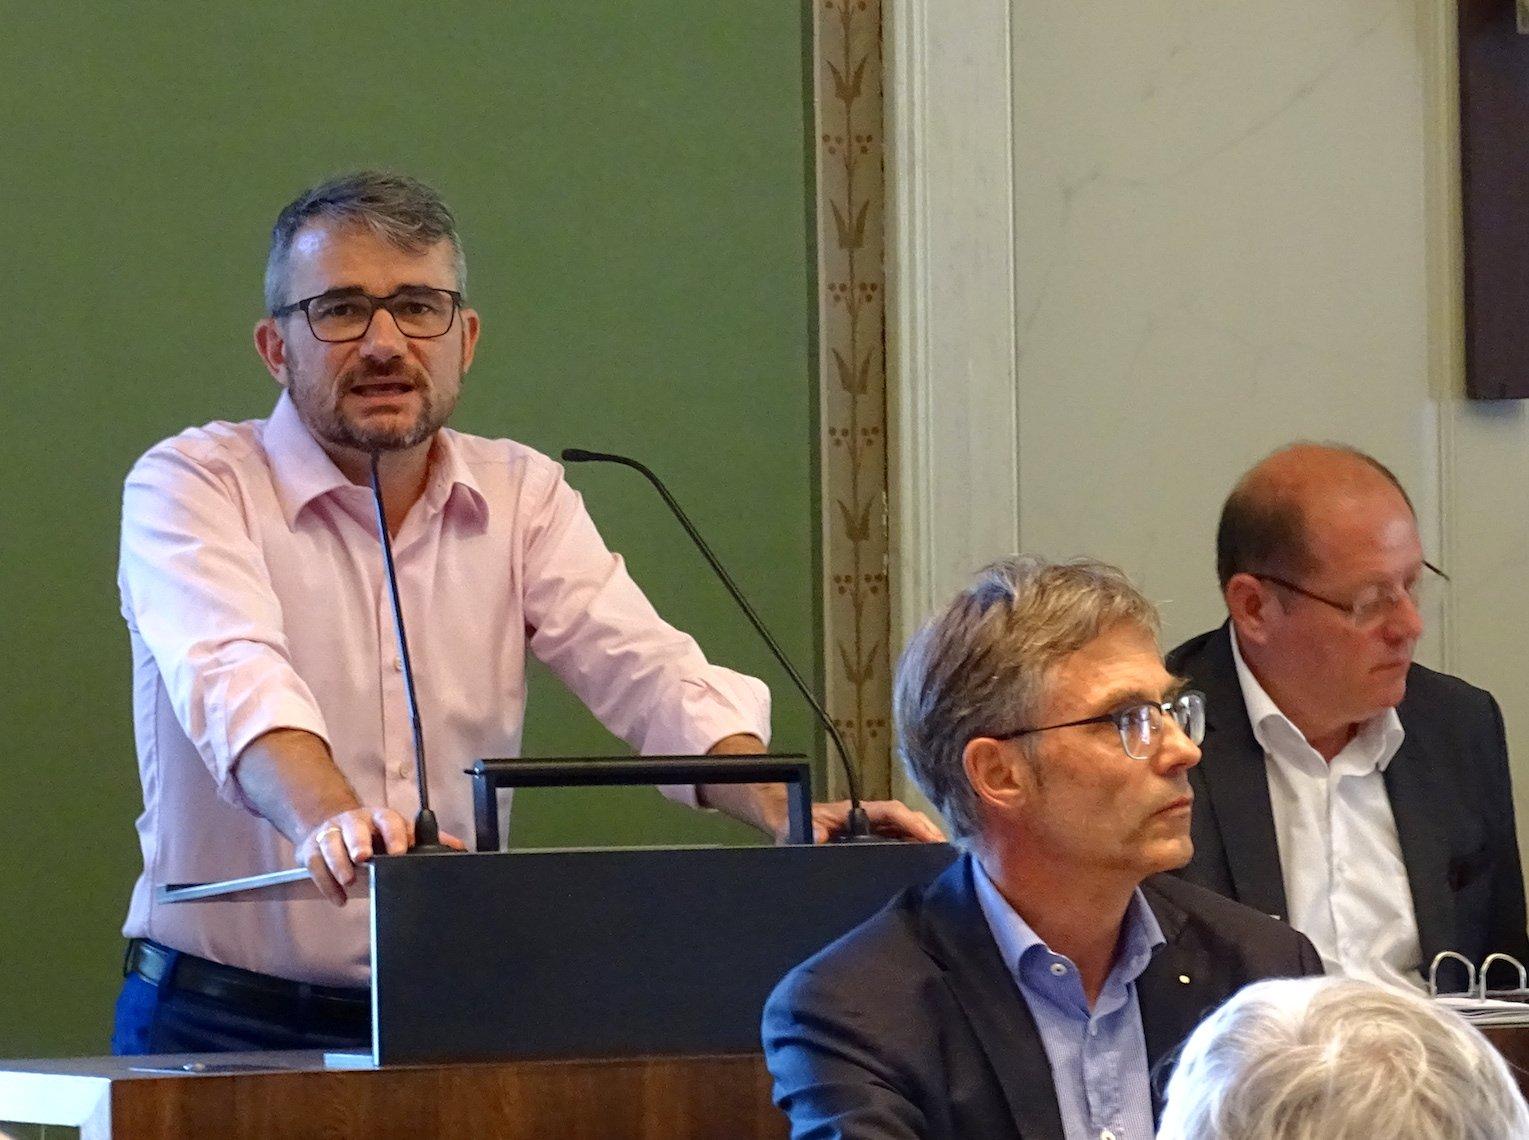 Stefan Moos, Fraktionschef der FDP im GGR: